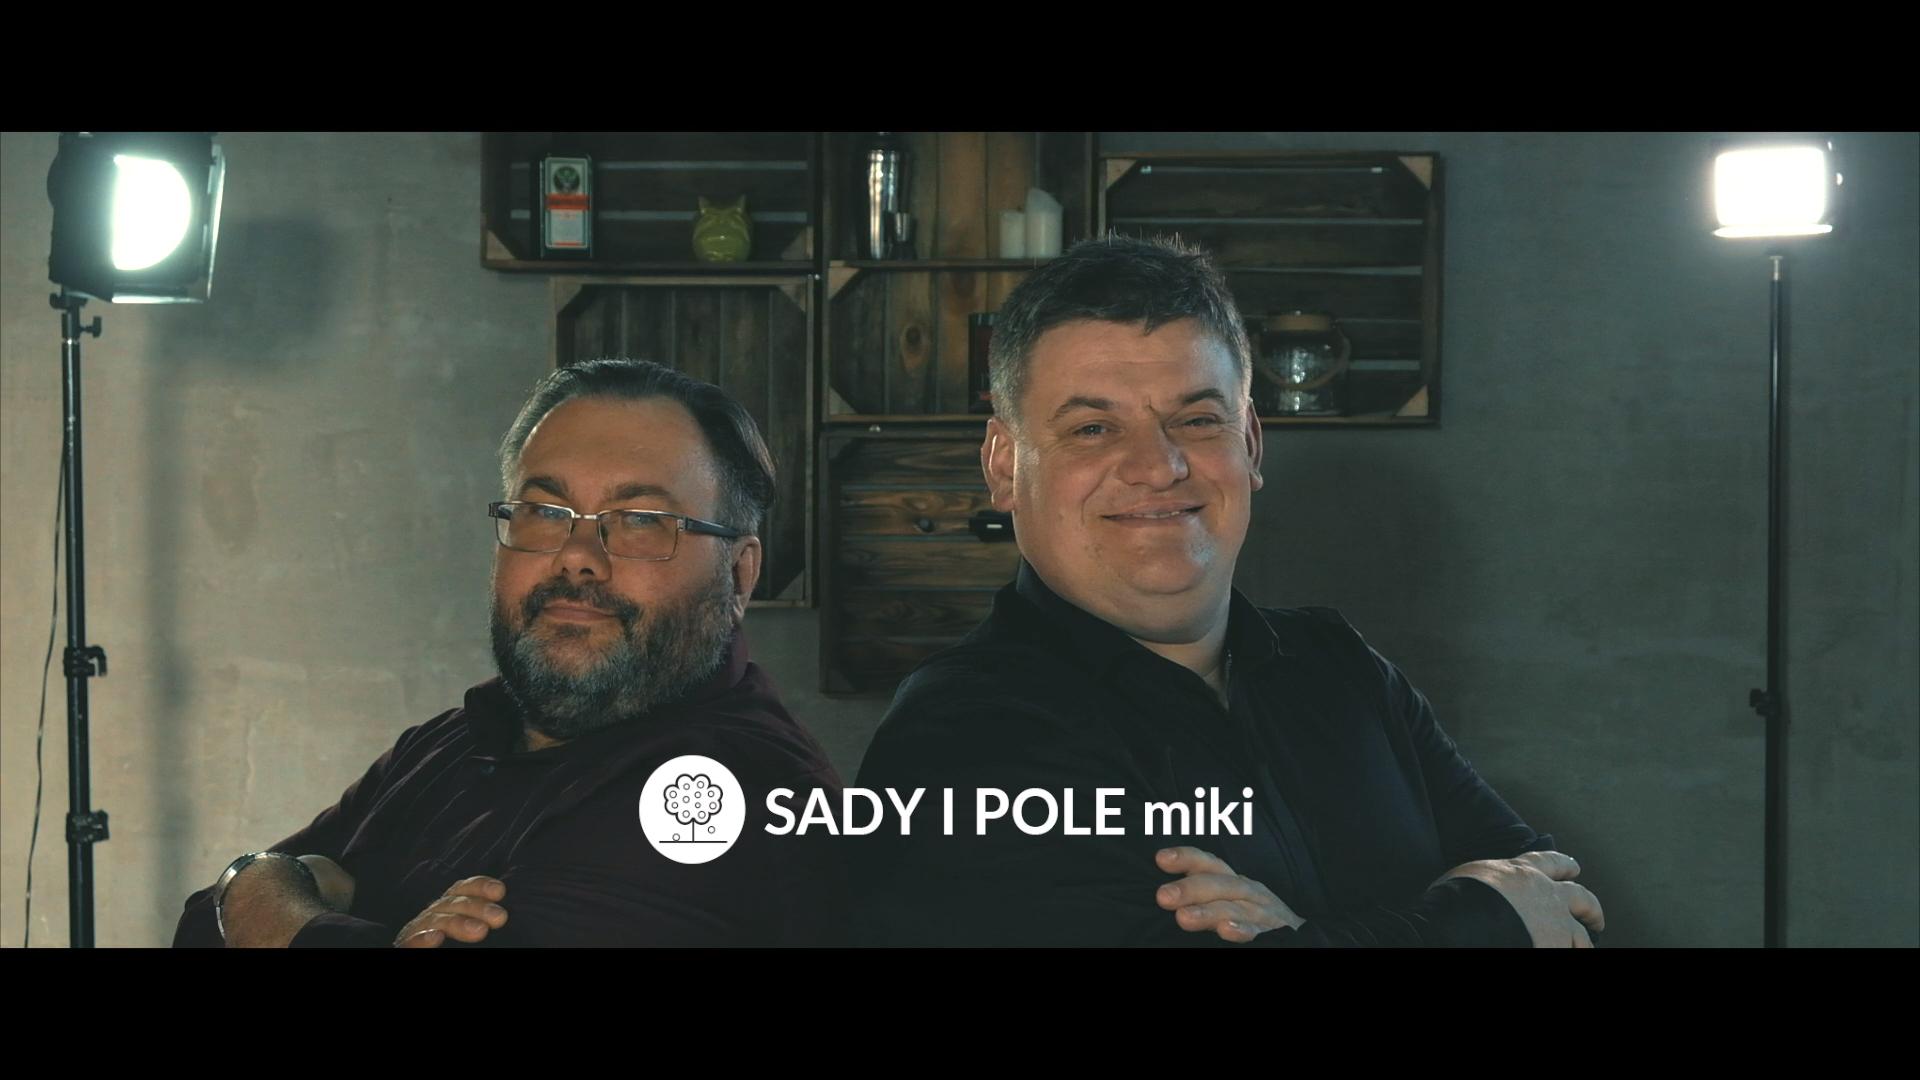 SADY I POLEmiki